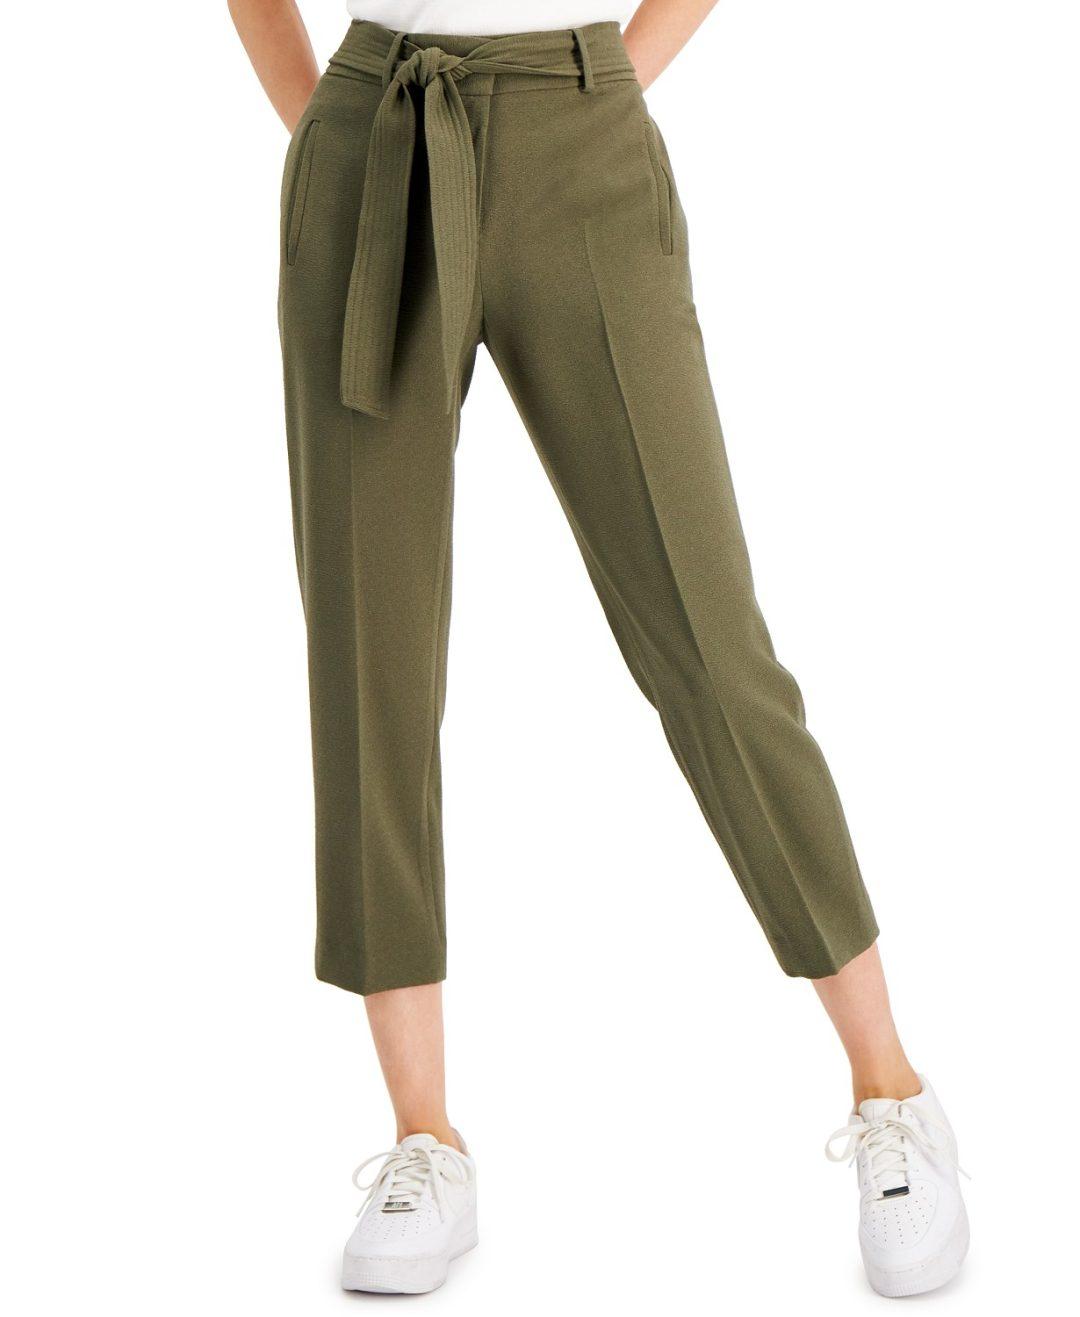 Khaki green cropped pants